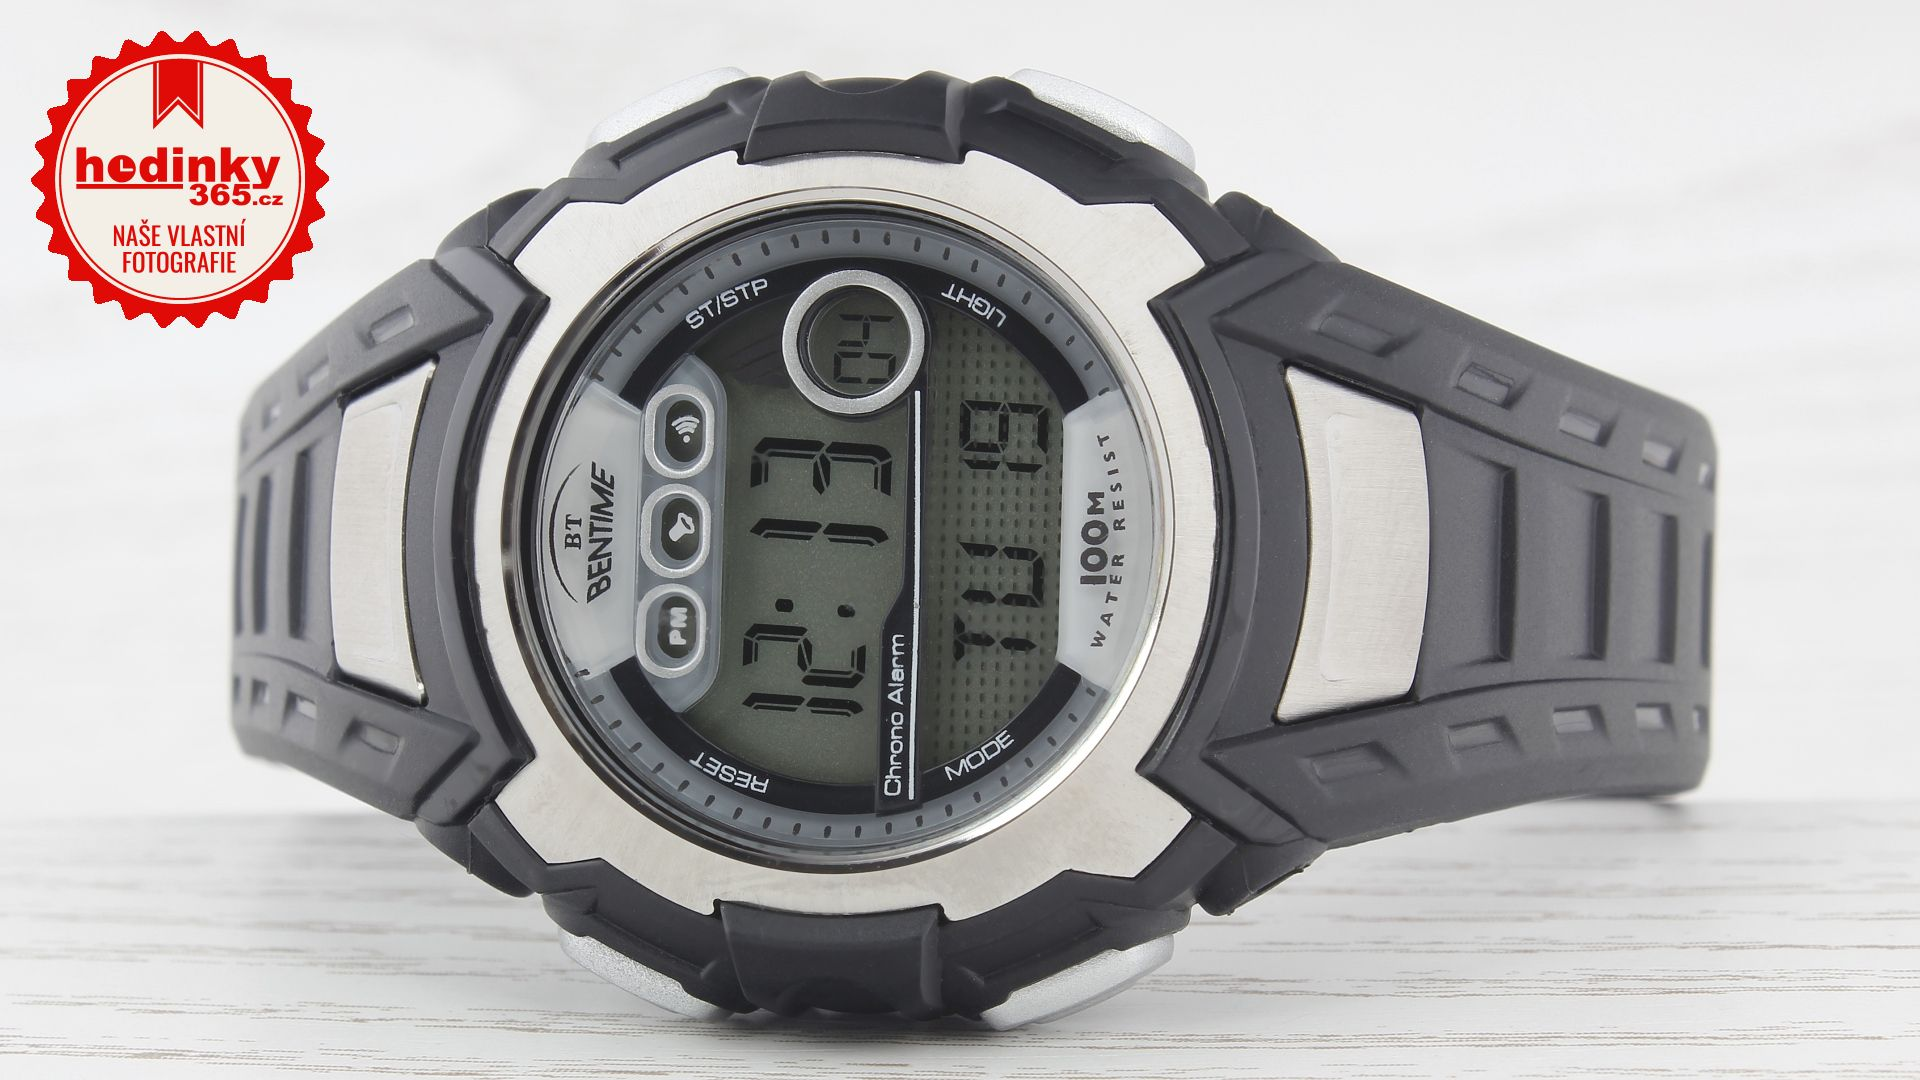 46f75a8c0 Unisex hodinky - pryžový řemínek, plast pouzdro, plastové sklíčko. Veškeré  technické parametry naleznete níže